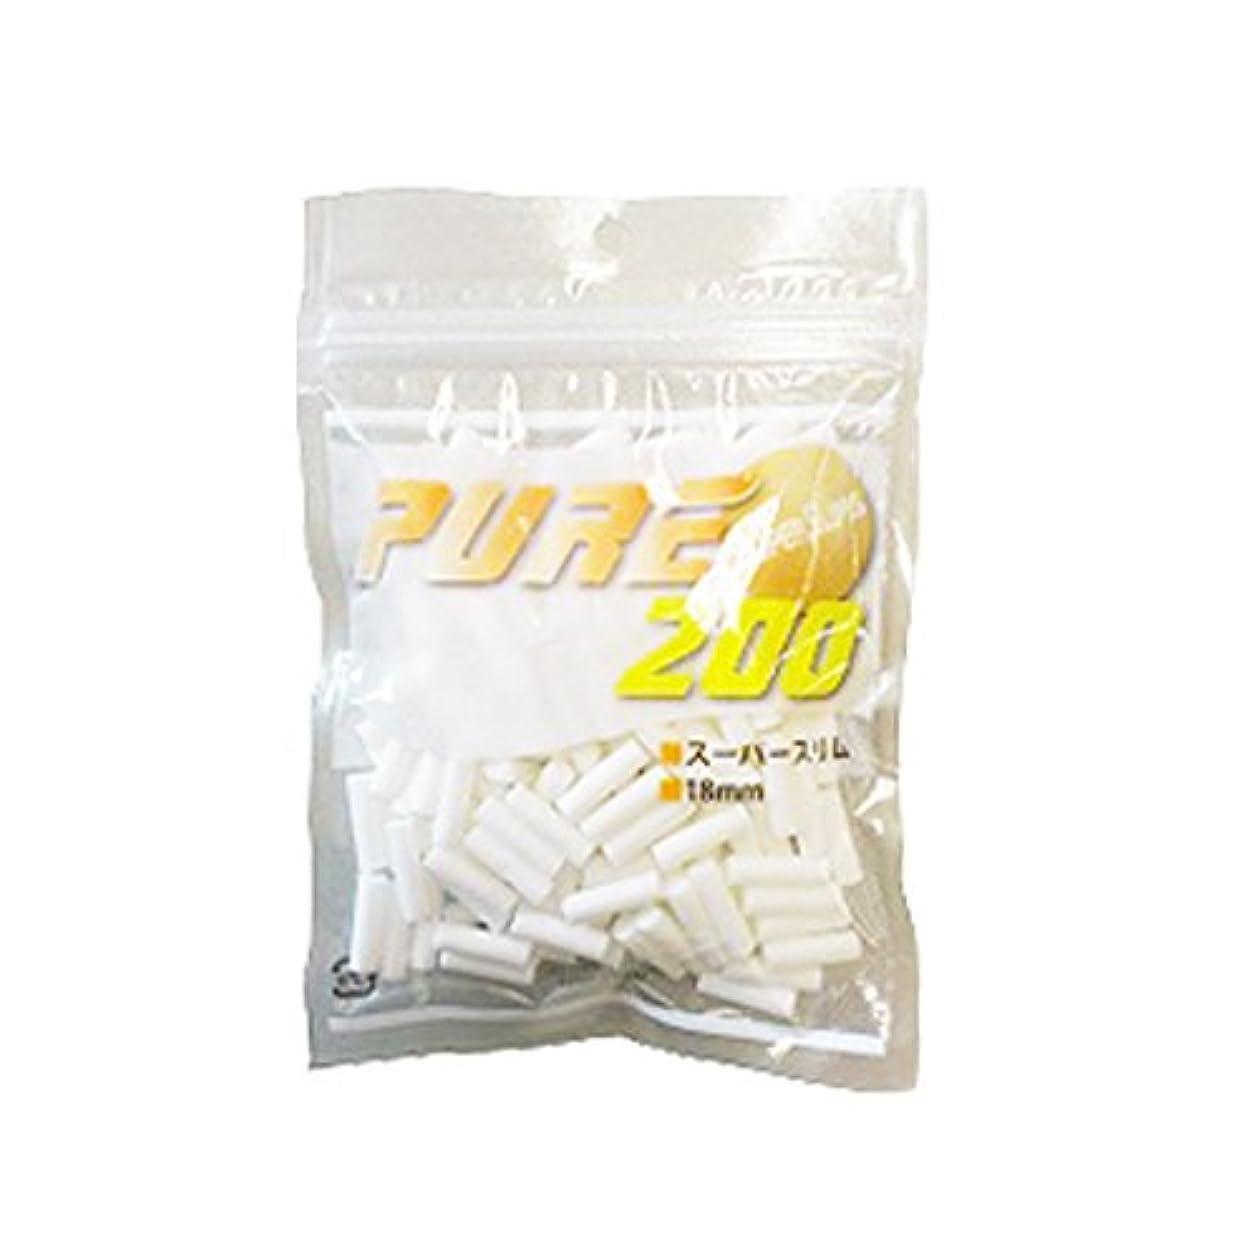 機密ではごきげんようやさしい[pure] ピュア スーパースリム フィルター 200個入り ×3パック 手巻きタバコ